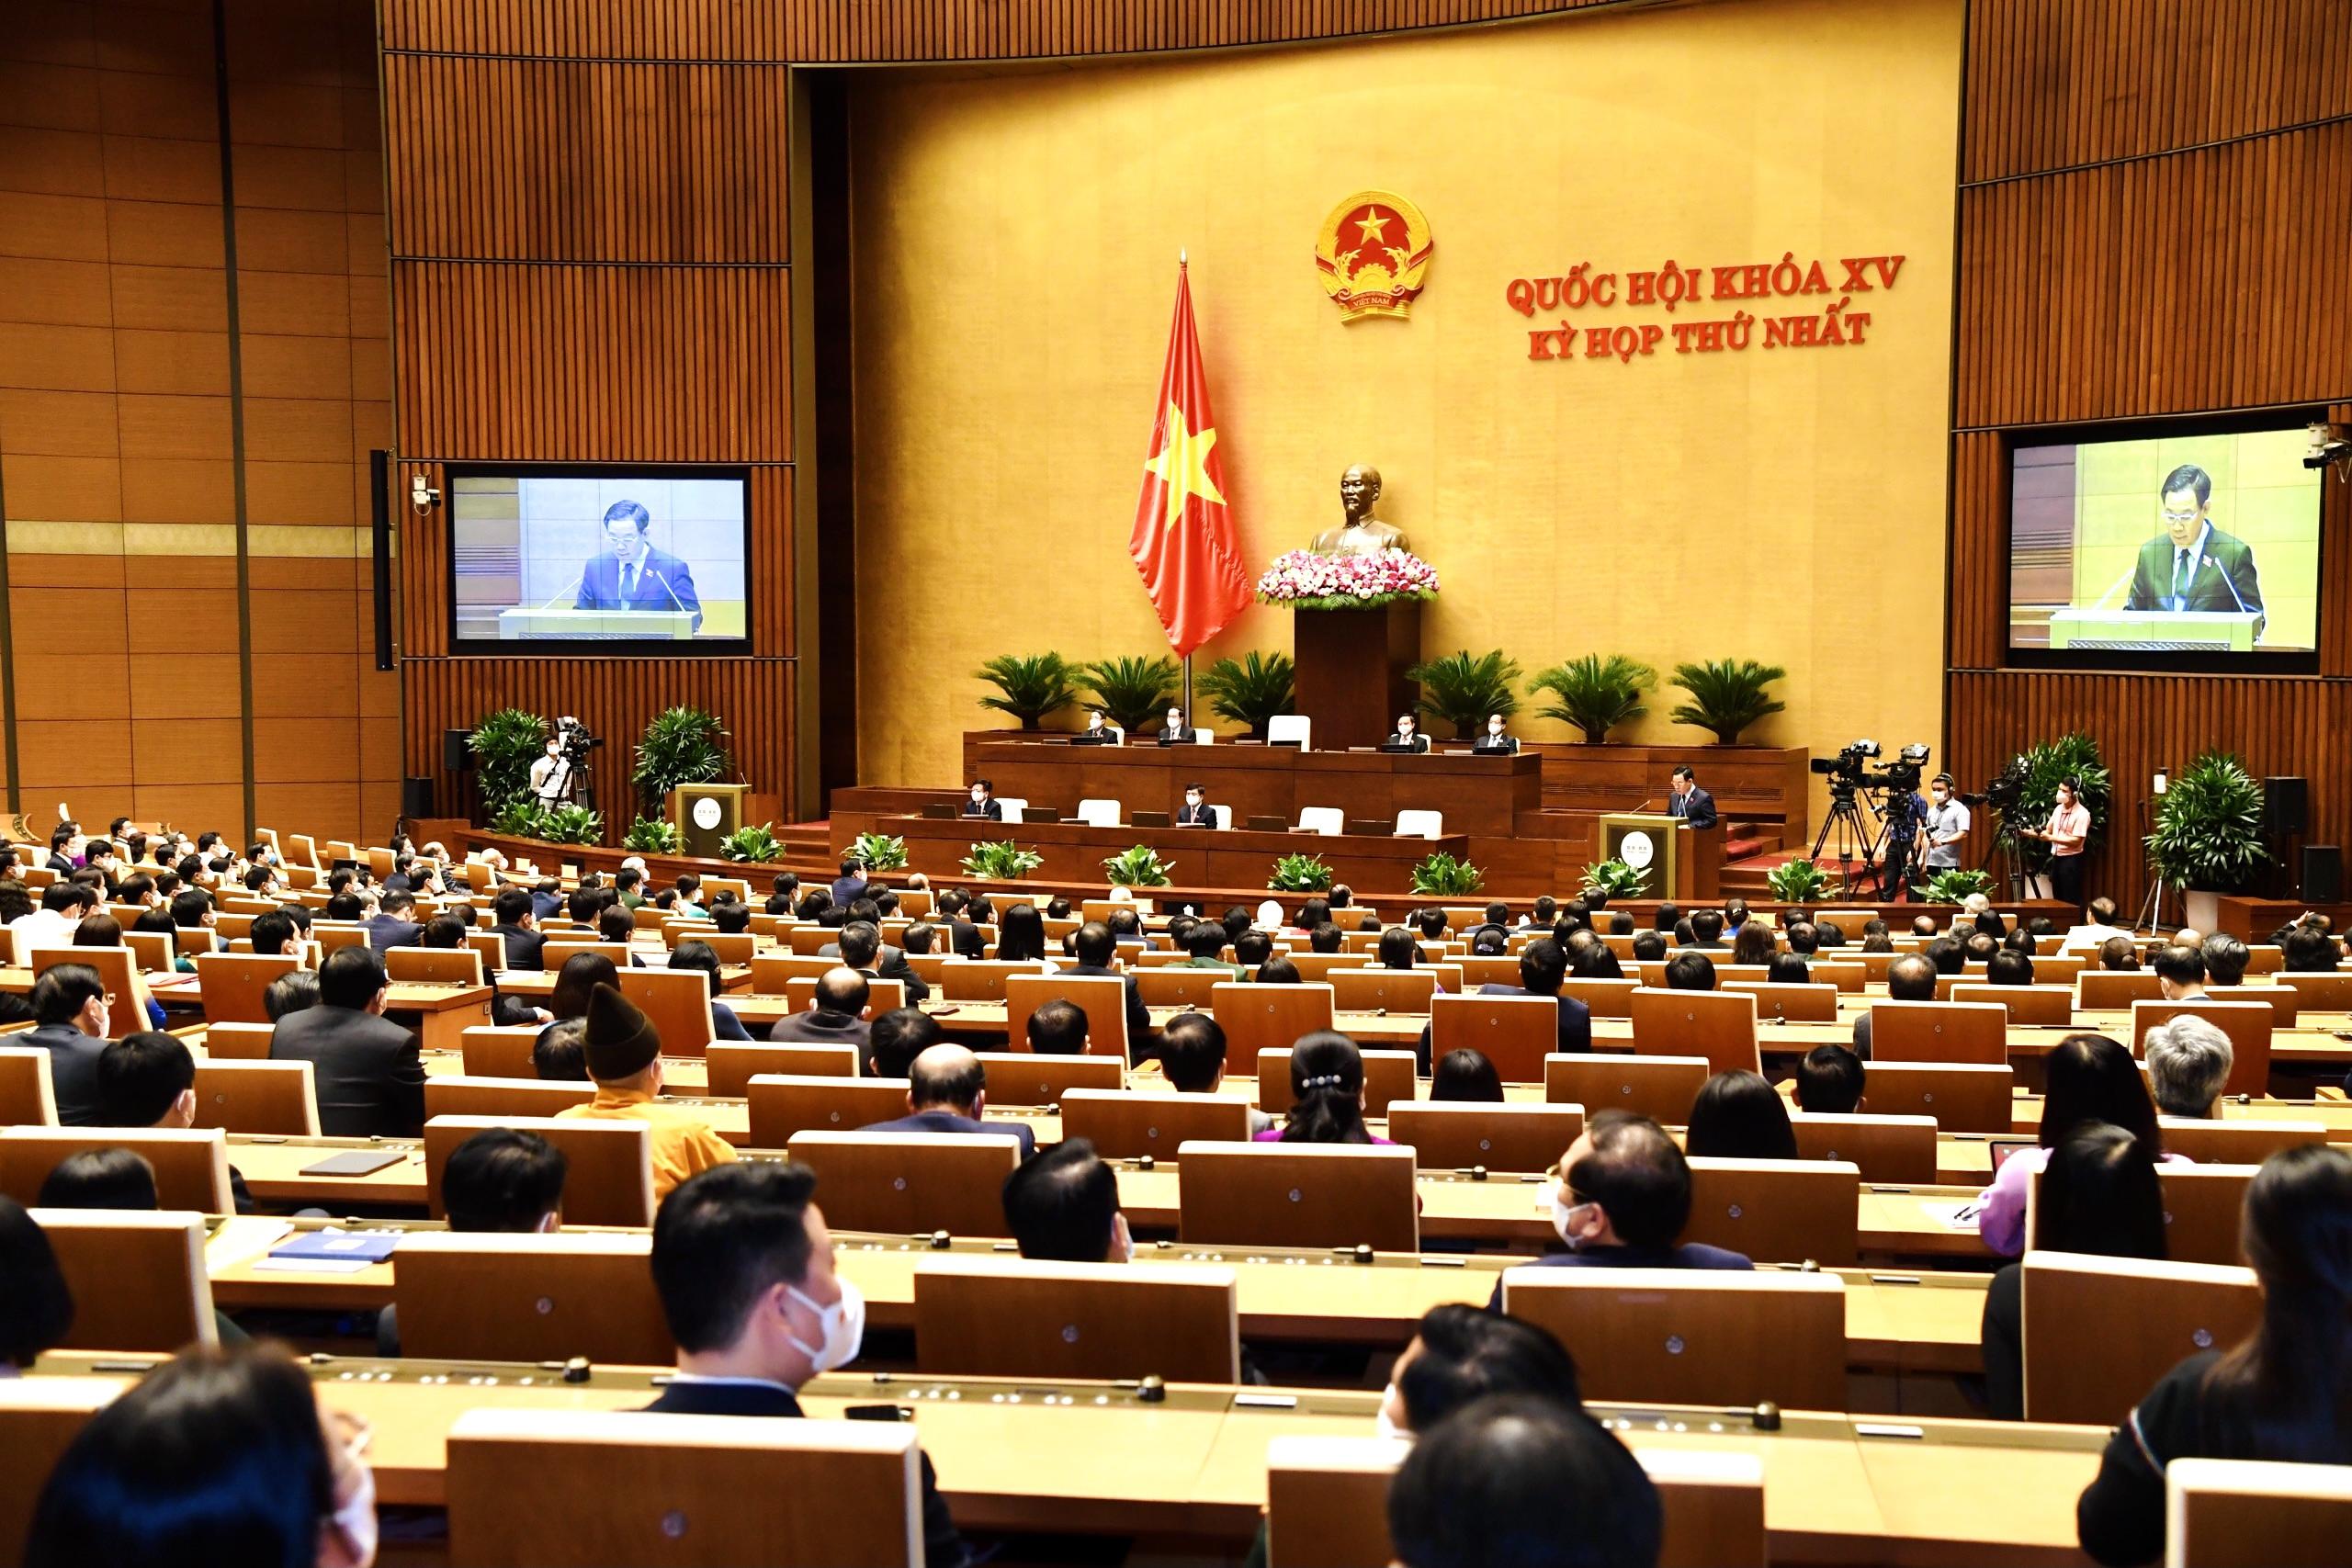 Sau 9 ngày làm việc liên tục, khẩn trương, nghiêm túc, dân chủ, đoàn kết, trí tuệ và trách nhiệm, kỳ họp thứ nhất, Quốc hội khóa XV đã hoàn thành toàn bộ chương trình đề ra và bế mạc vào chiều 28-7. Ảnh: VGP/Nhật Bắc